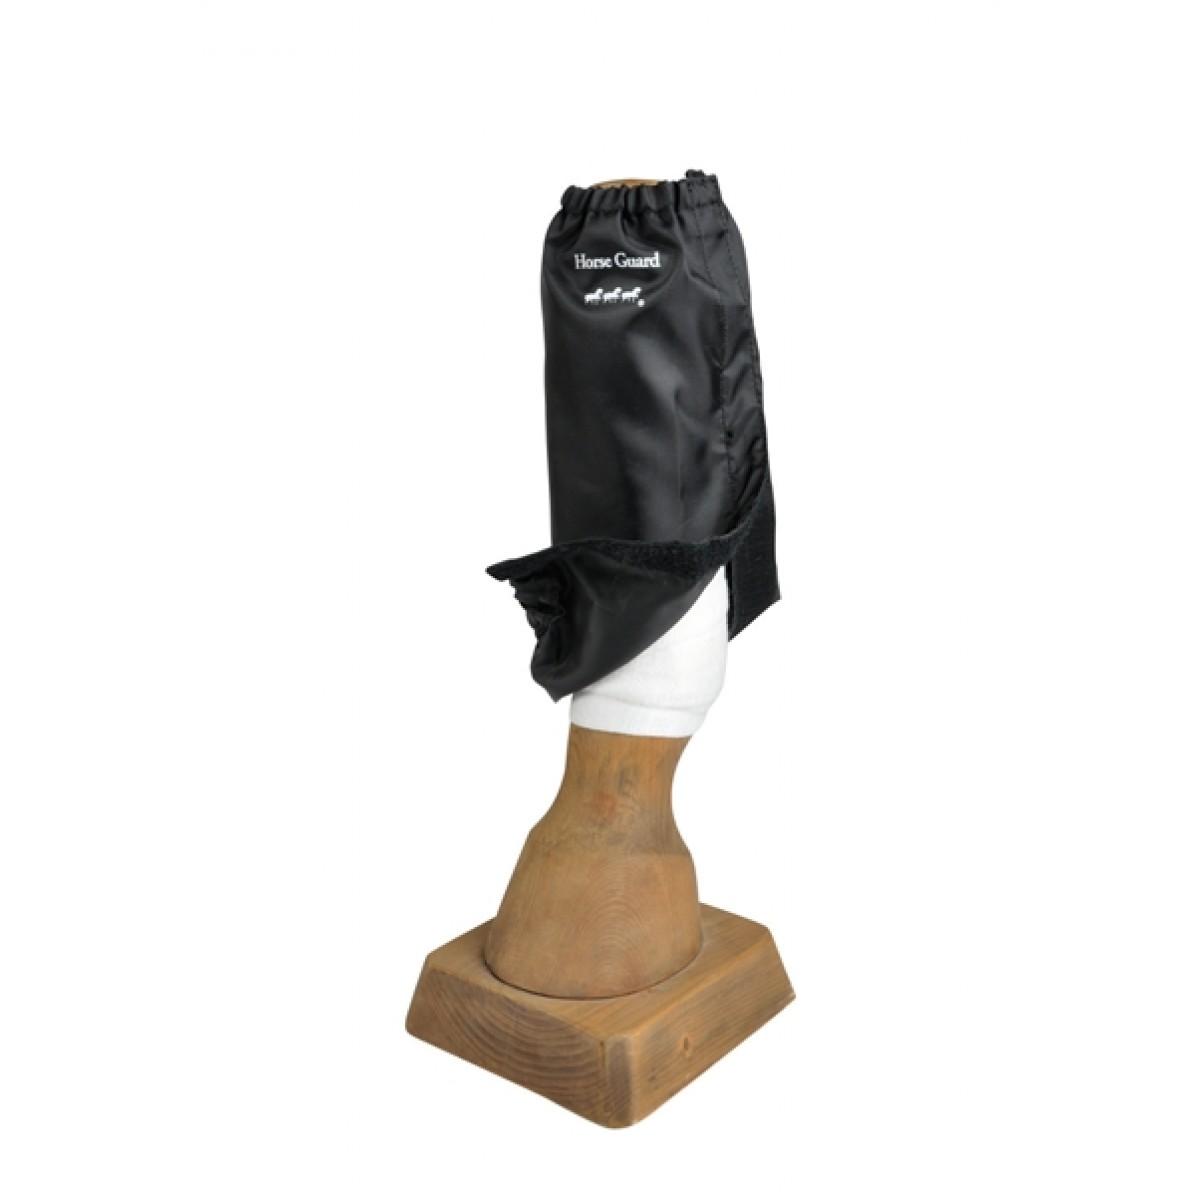 Bandageovertræk